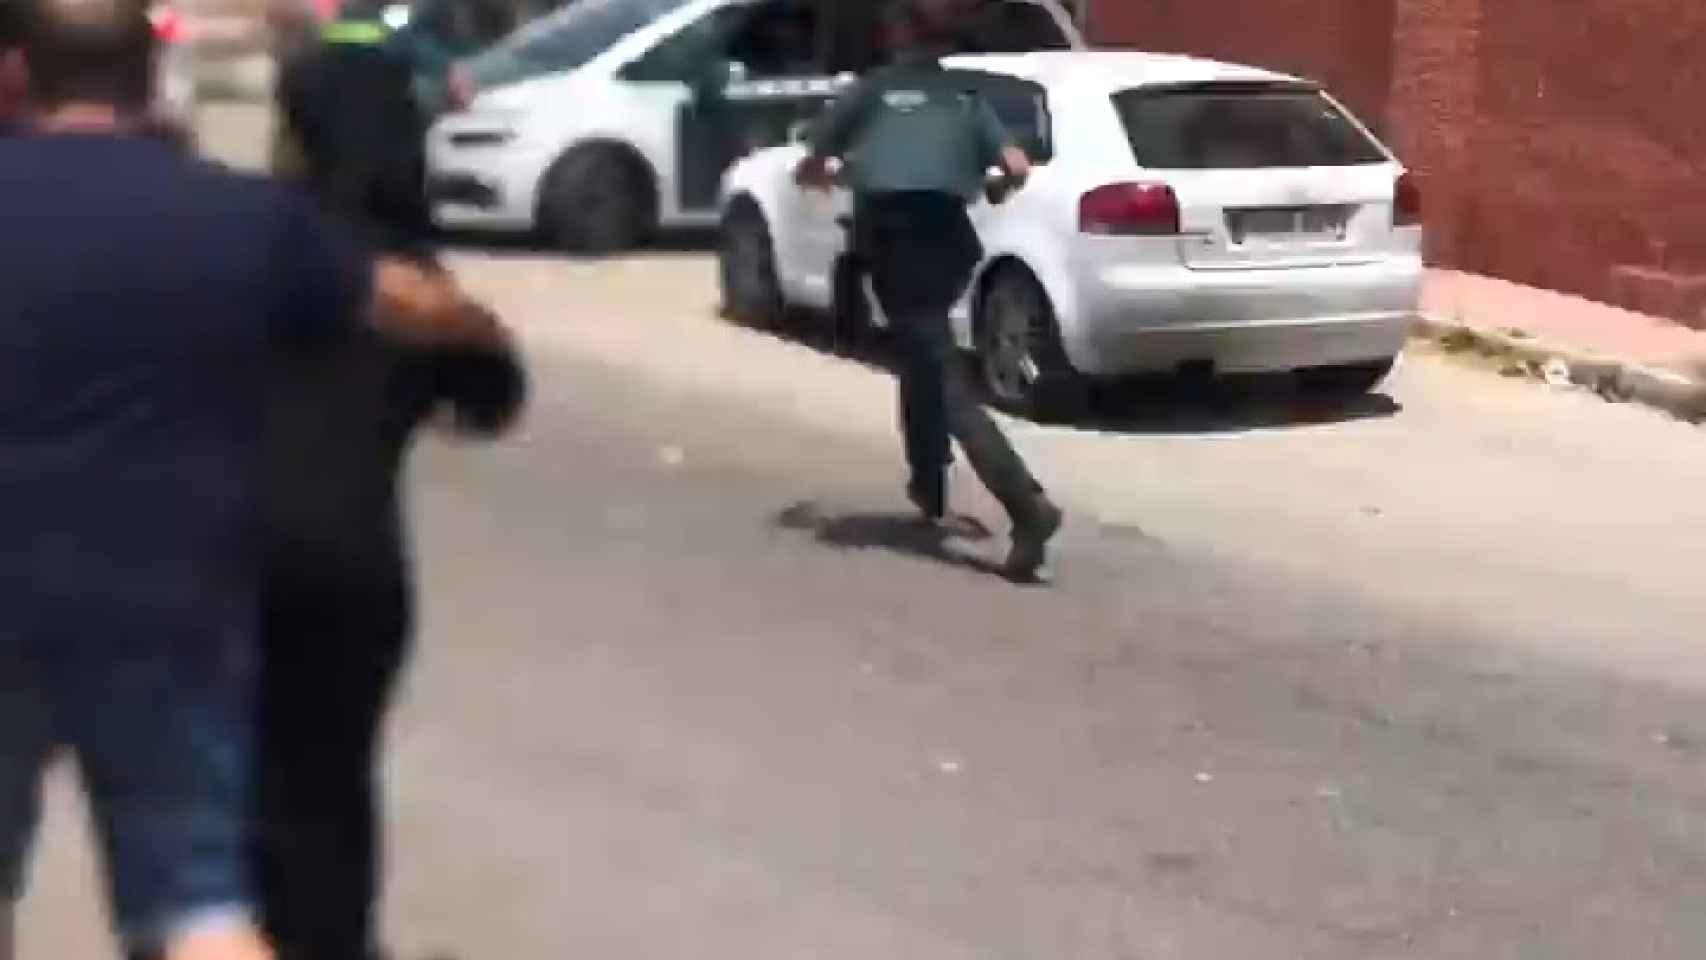 Una turba de vecinos trata de agredir a Carlos durante el registro a su piso en Mazarrón donde le incautaron varias armas.